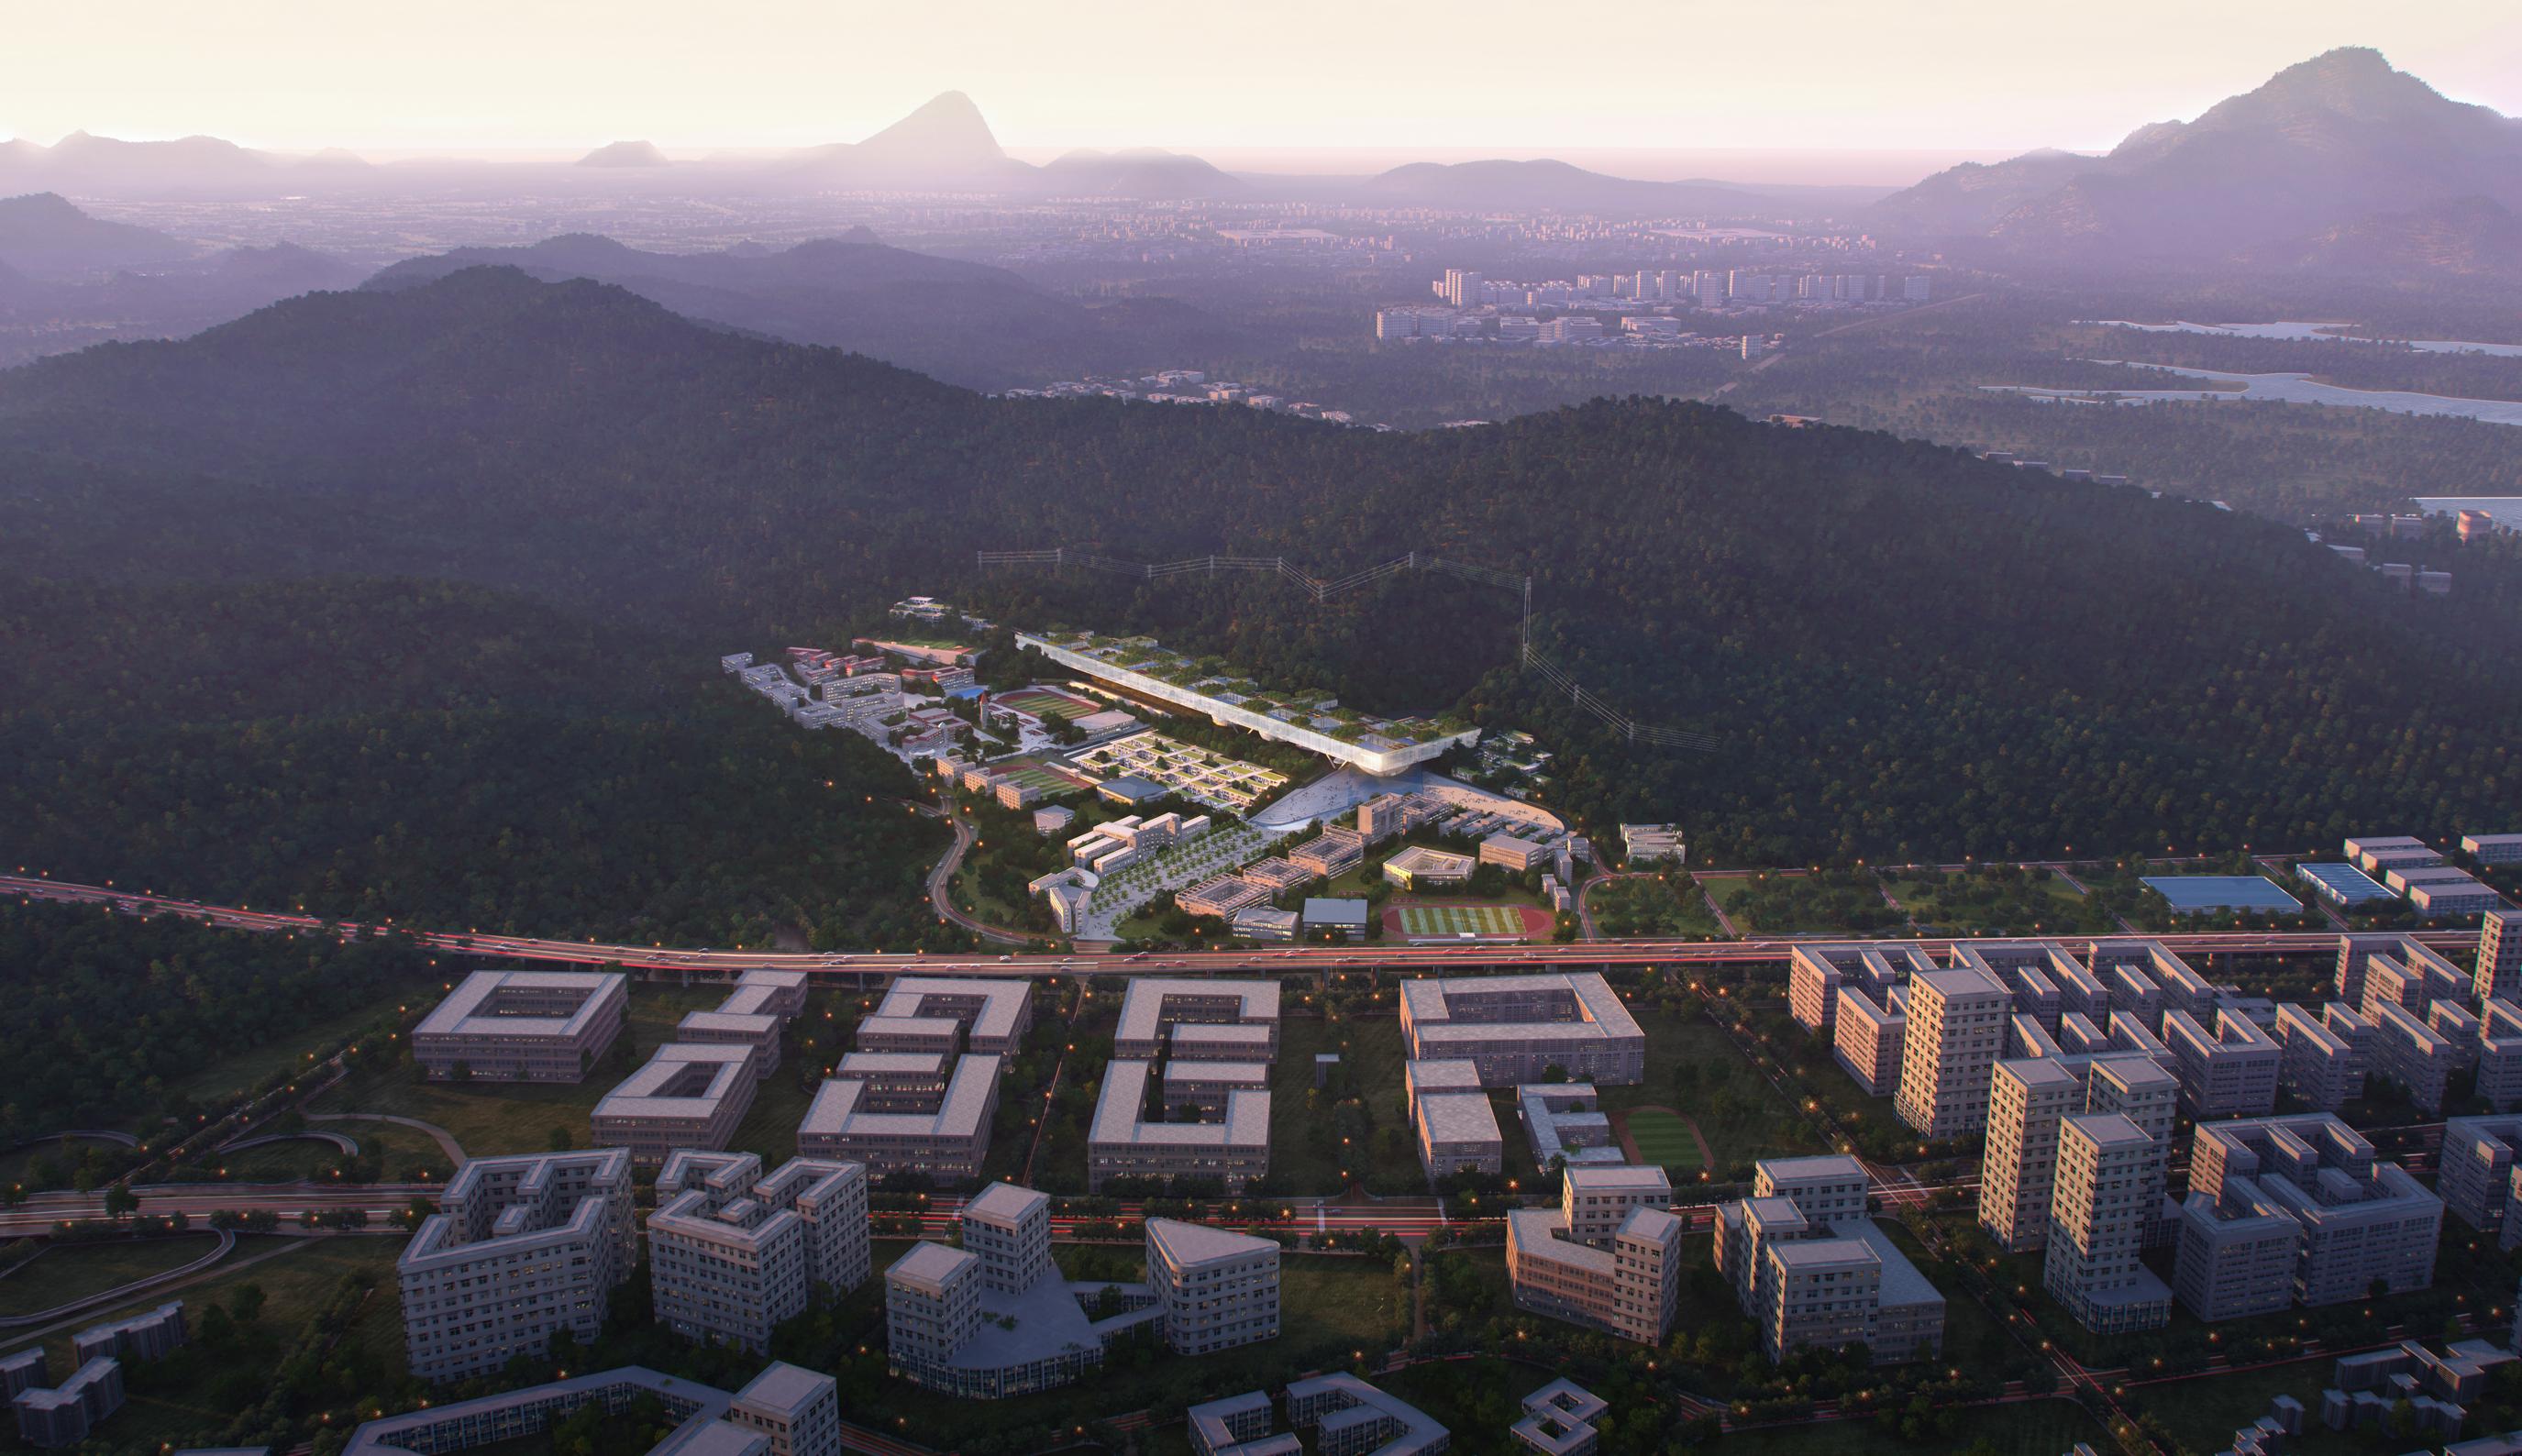 Instituto de Diseño e Innovación de Shenzhen